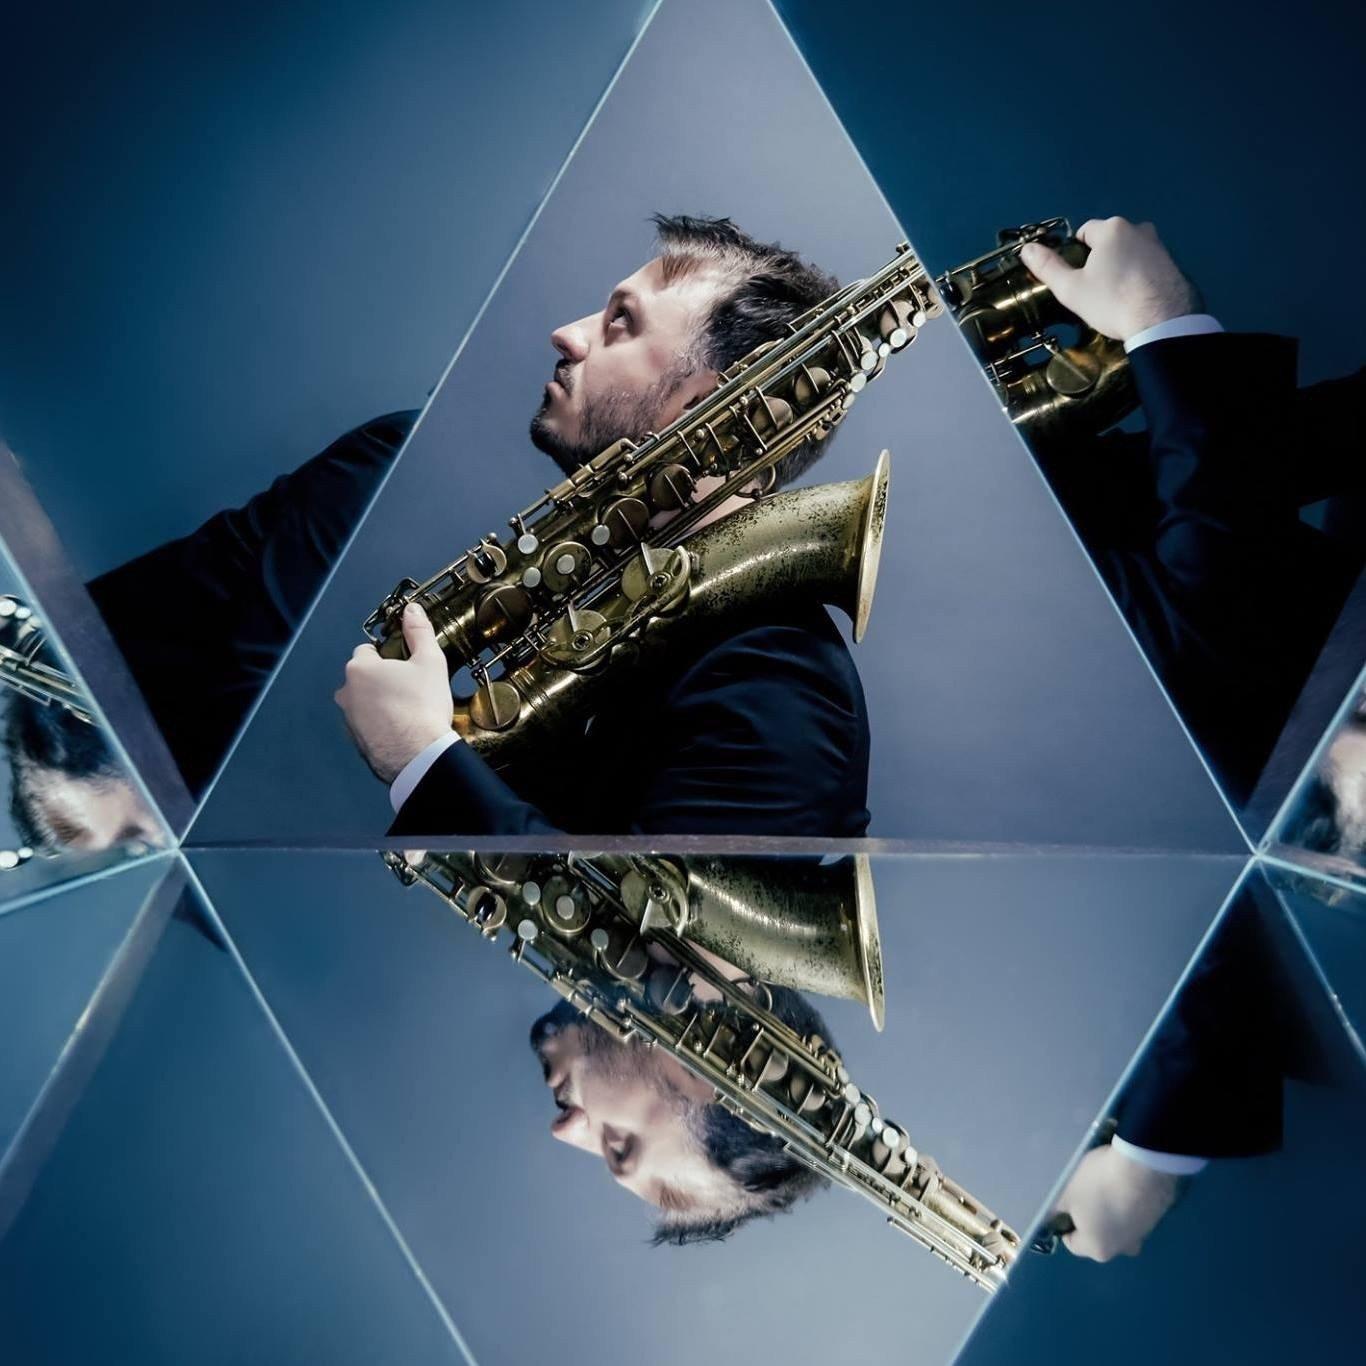 Paul Jones er en amerikansk saksofonist og komponist med noe eget å melde.